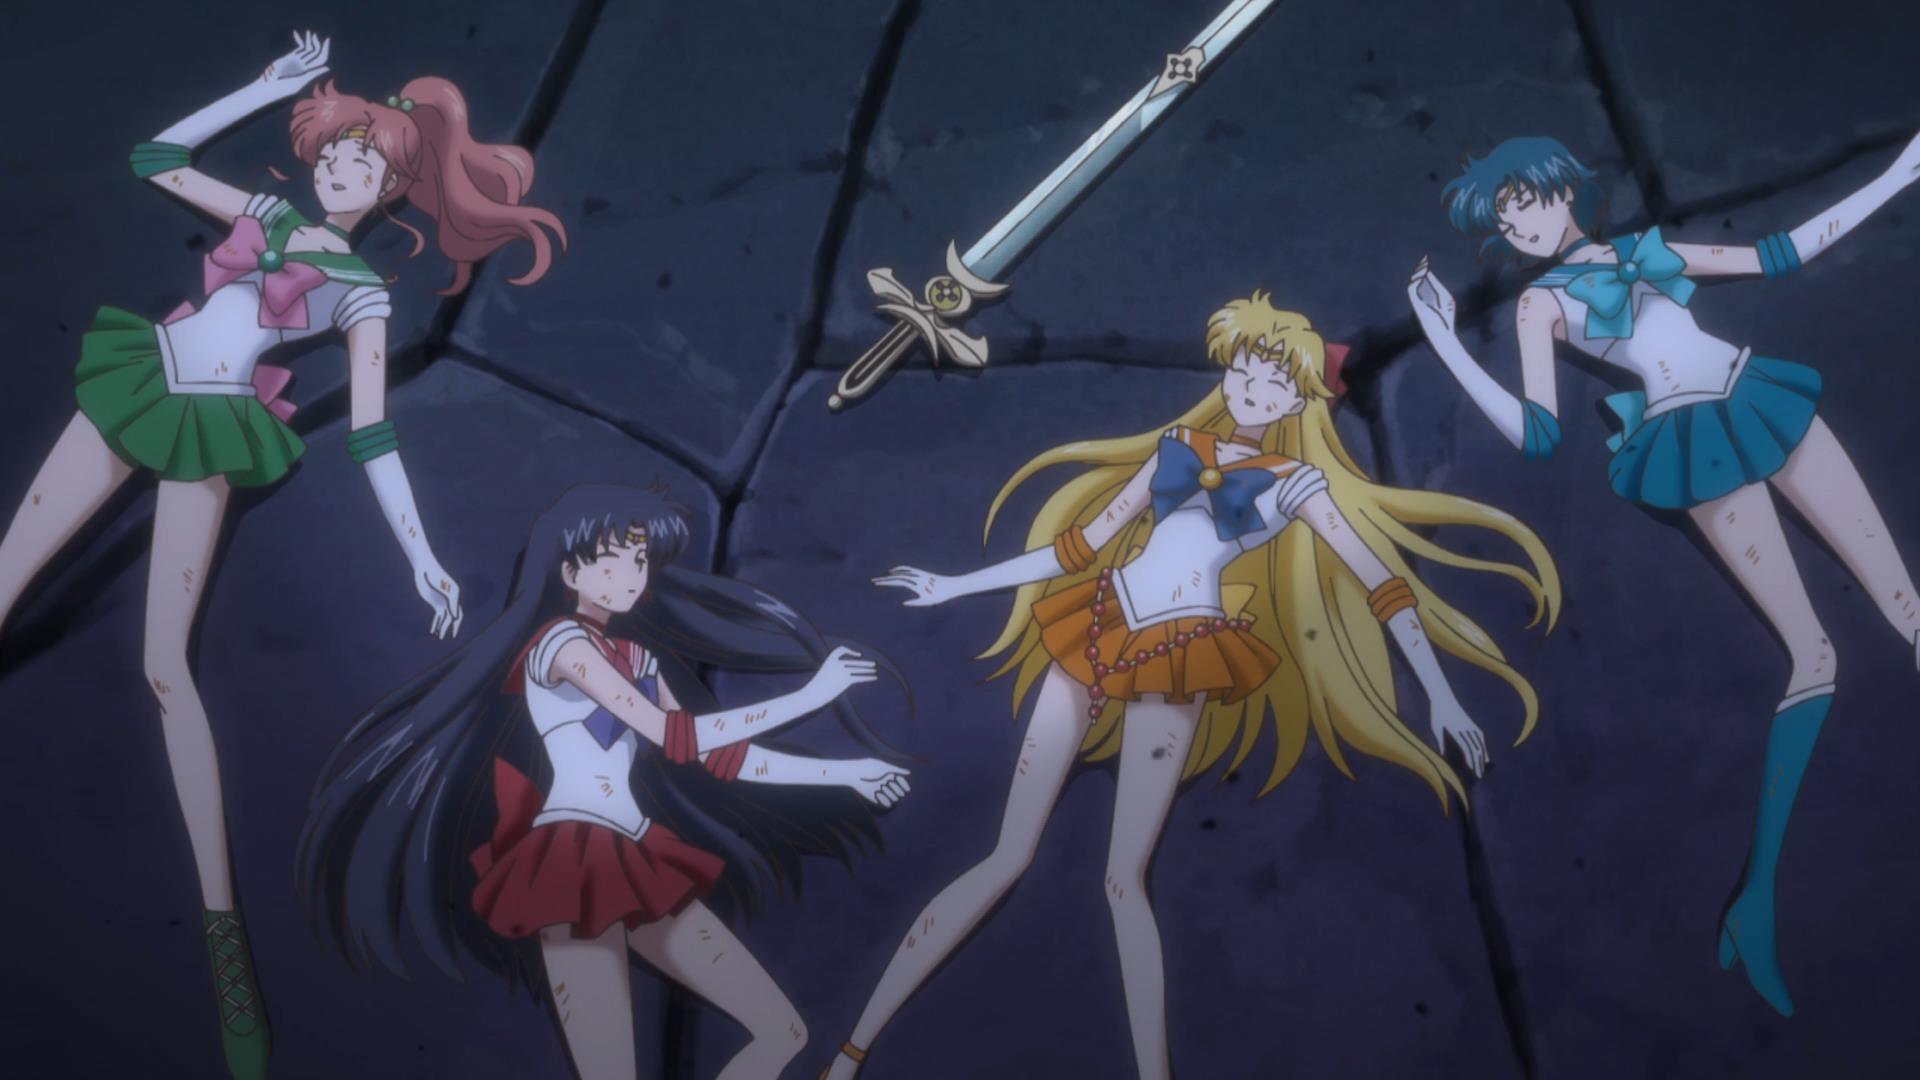 Lost Girl Season 5 Wallpaper Sailor Moon Crystal 13 The Melodrama Continues